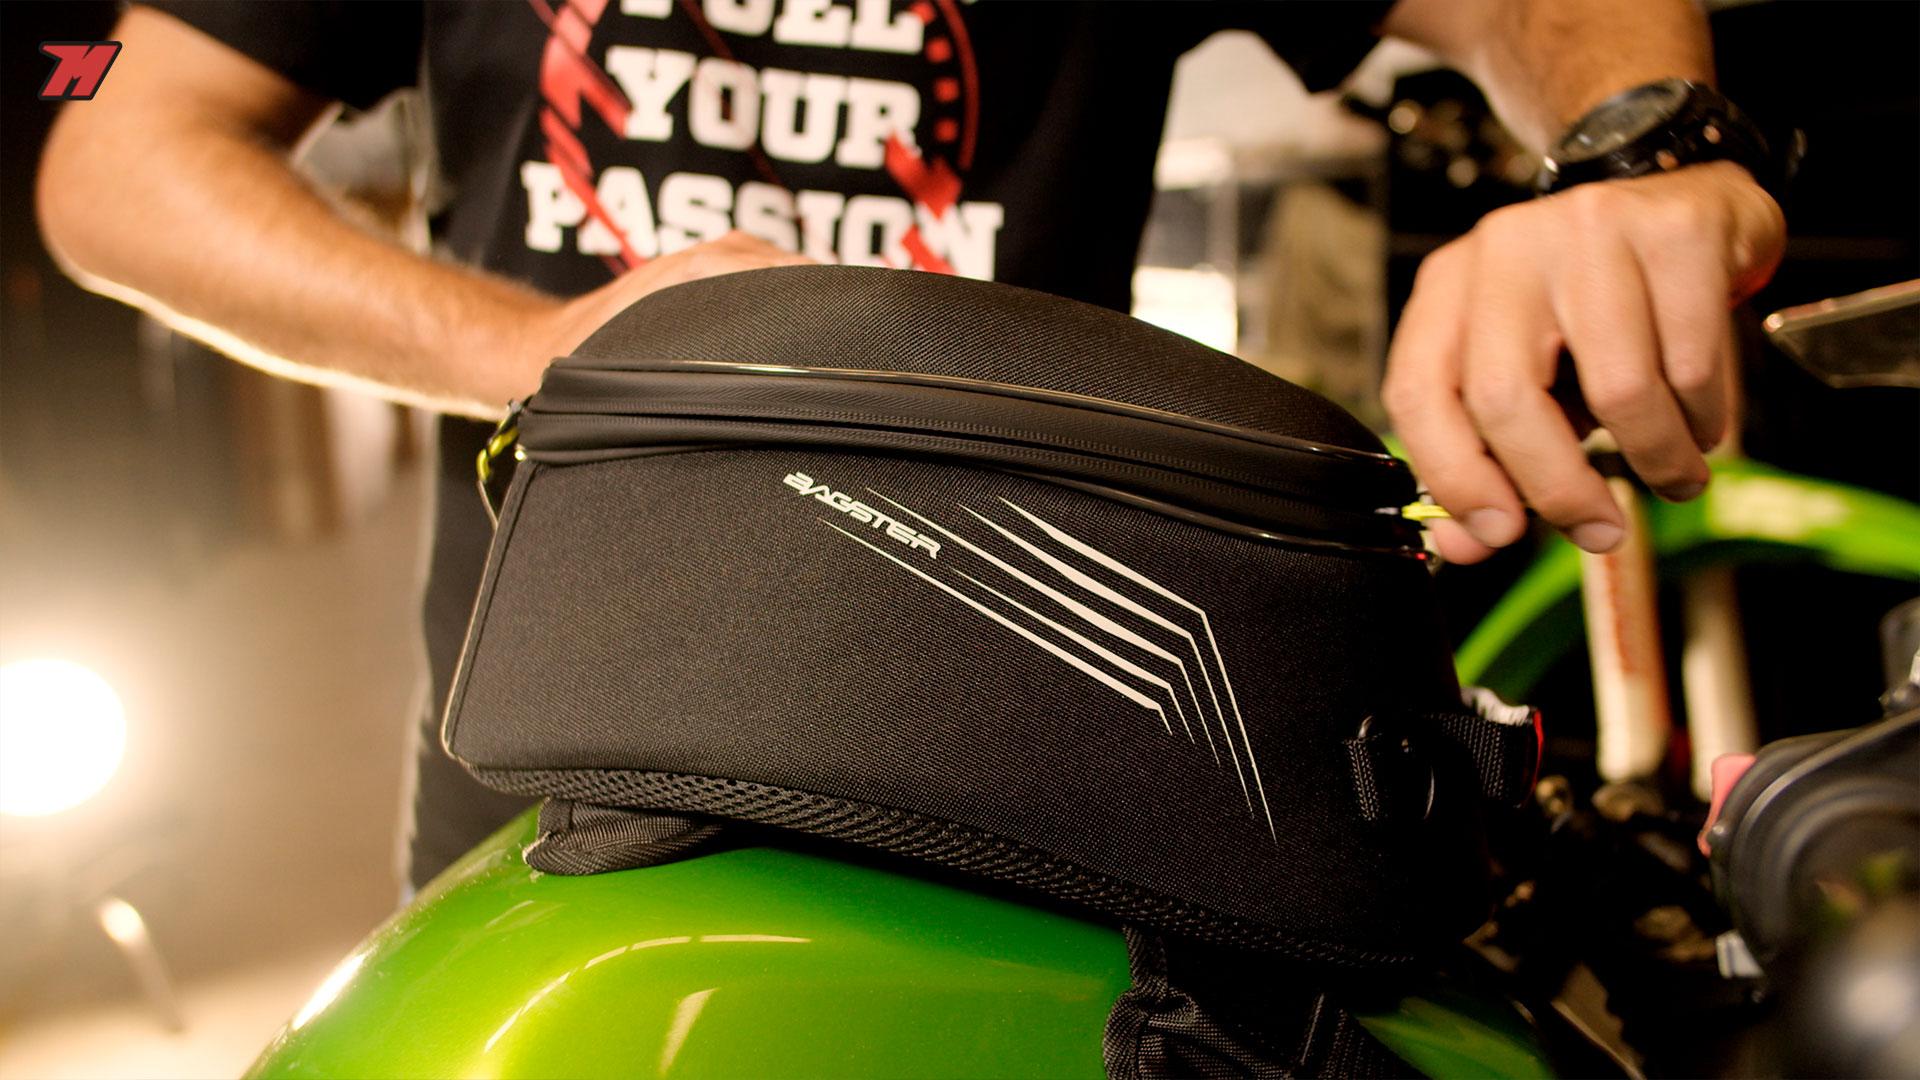 Una bolsa sobredepósito con anclaje magnético puede ser una buena opción.